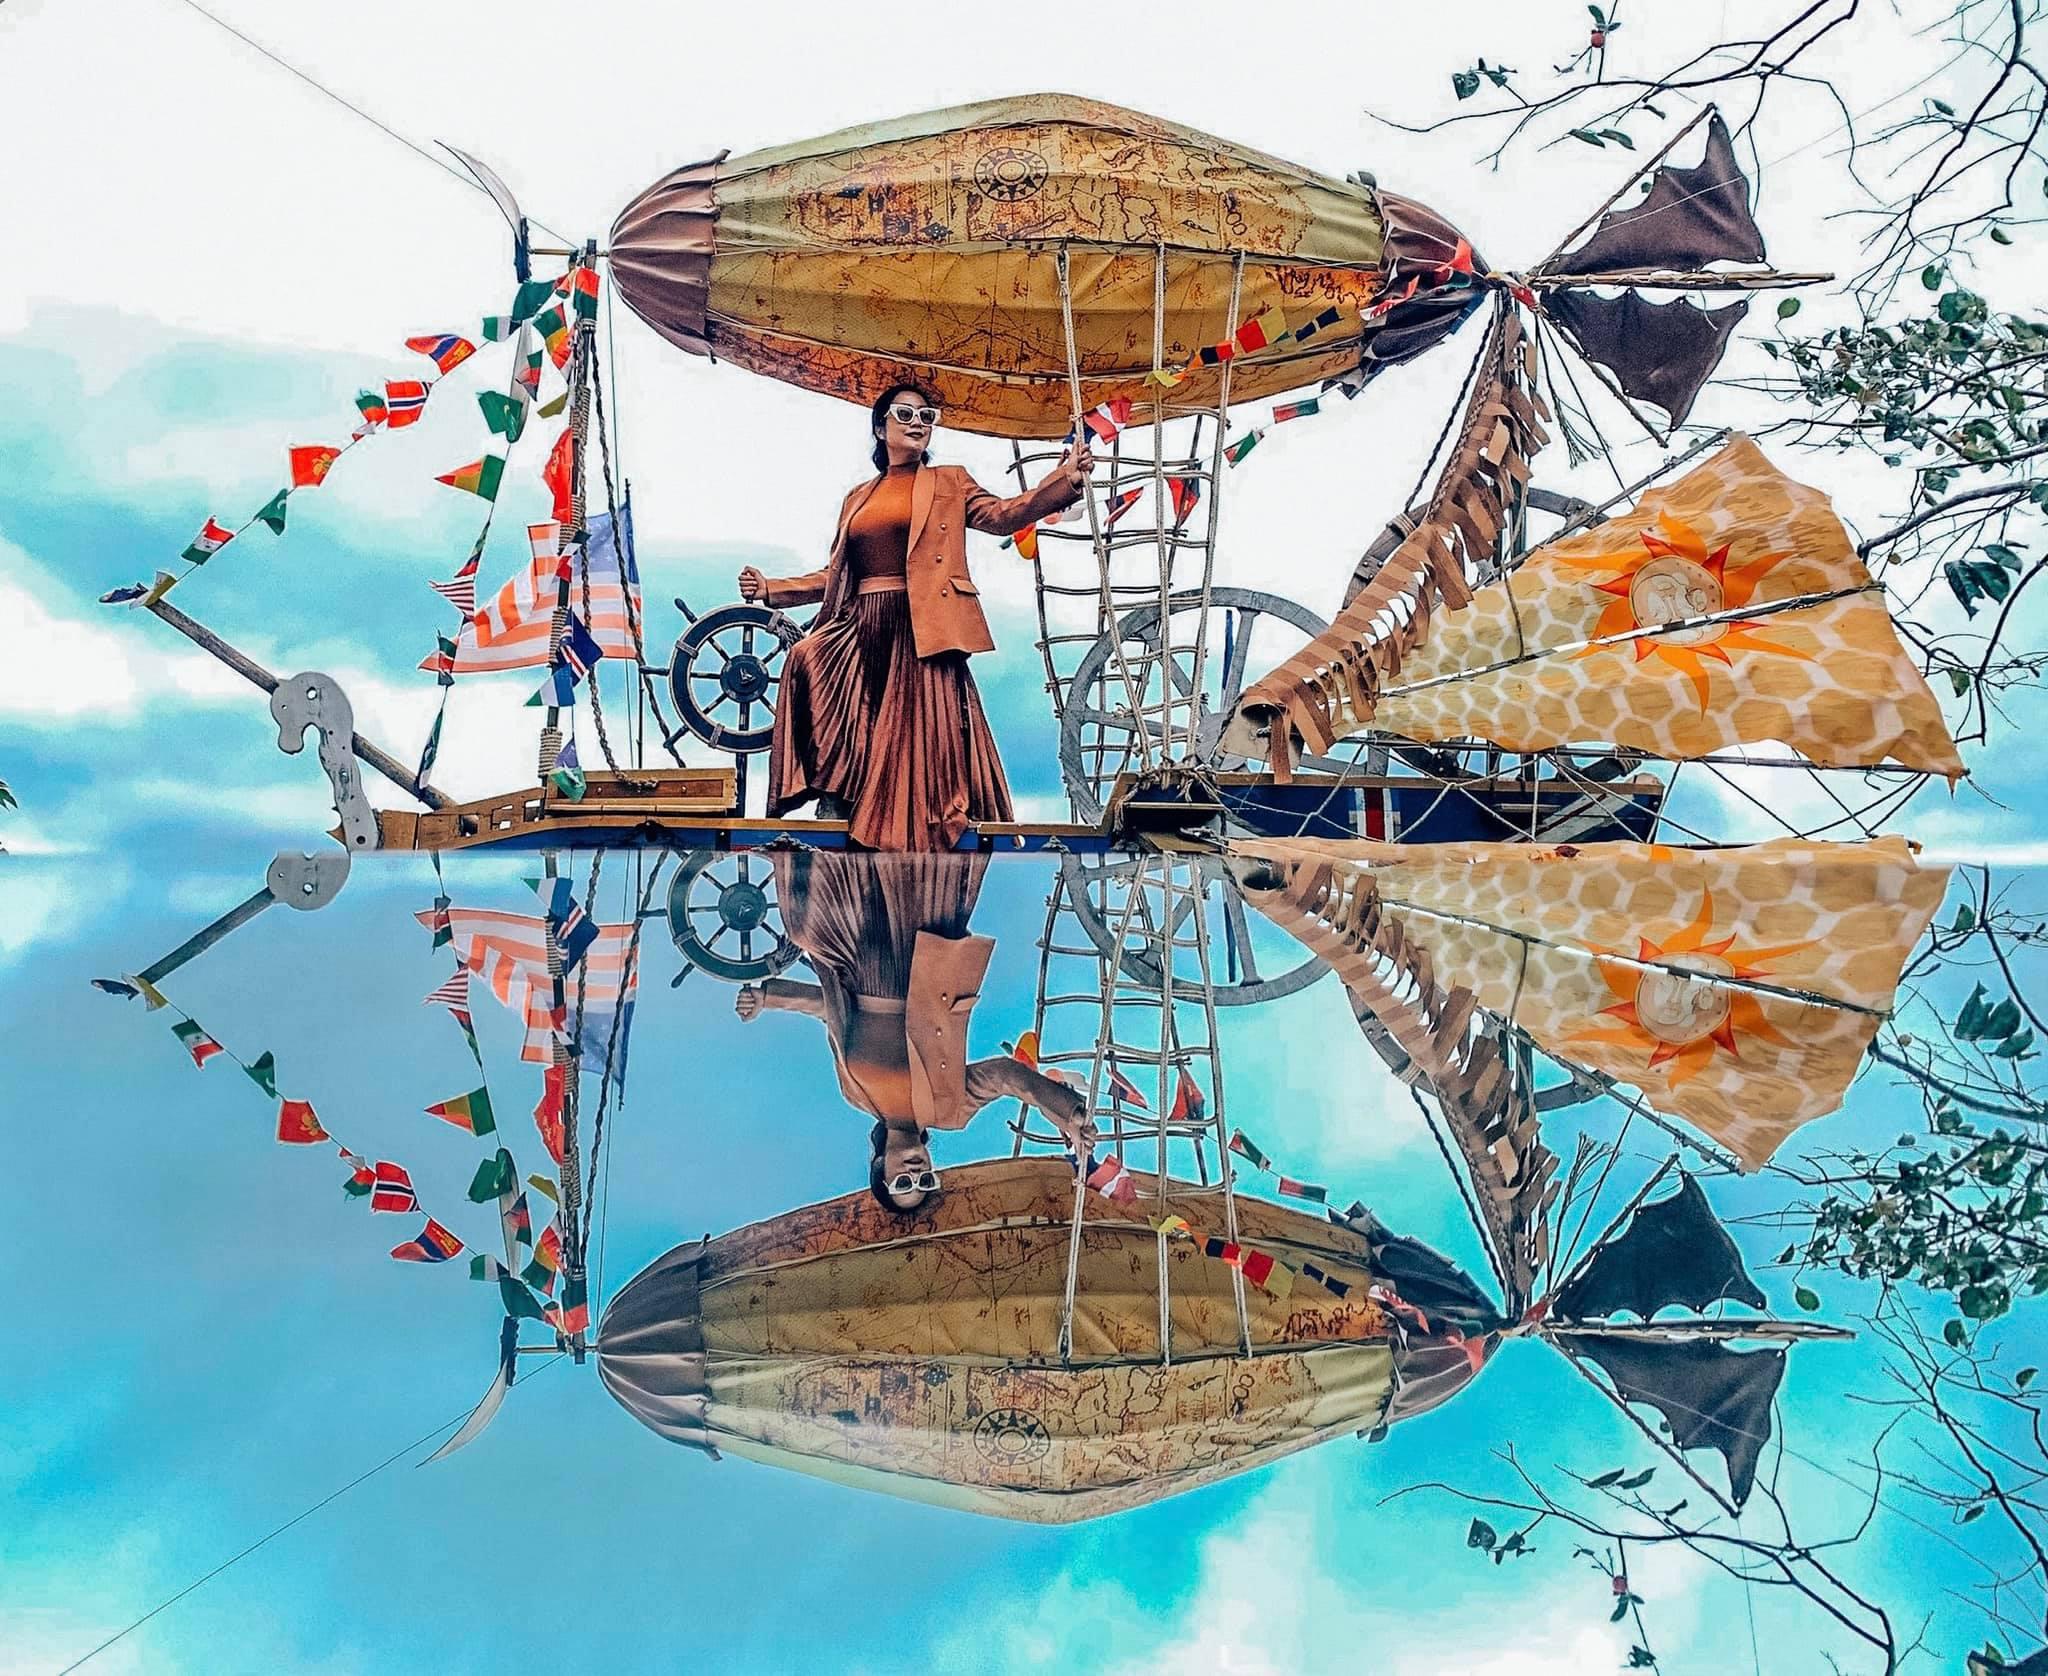 Săn ngay bộ ảnh ảo diệu tại ngôi làng phép thuật Magic Land, điểm check-in mới tại Đà Lạt - Ảnh 1.